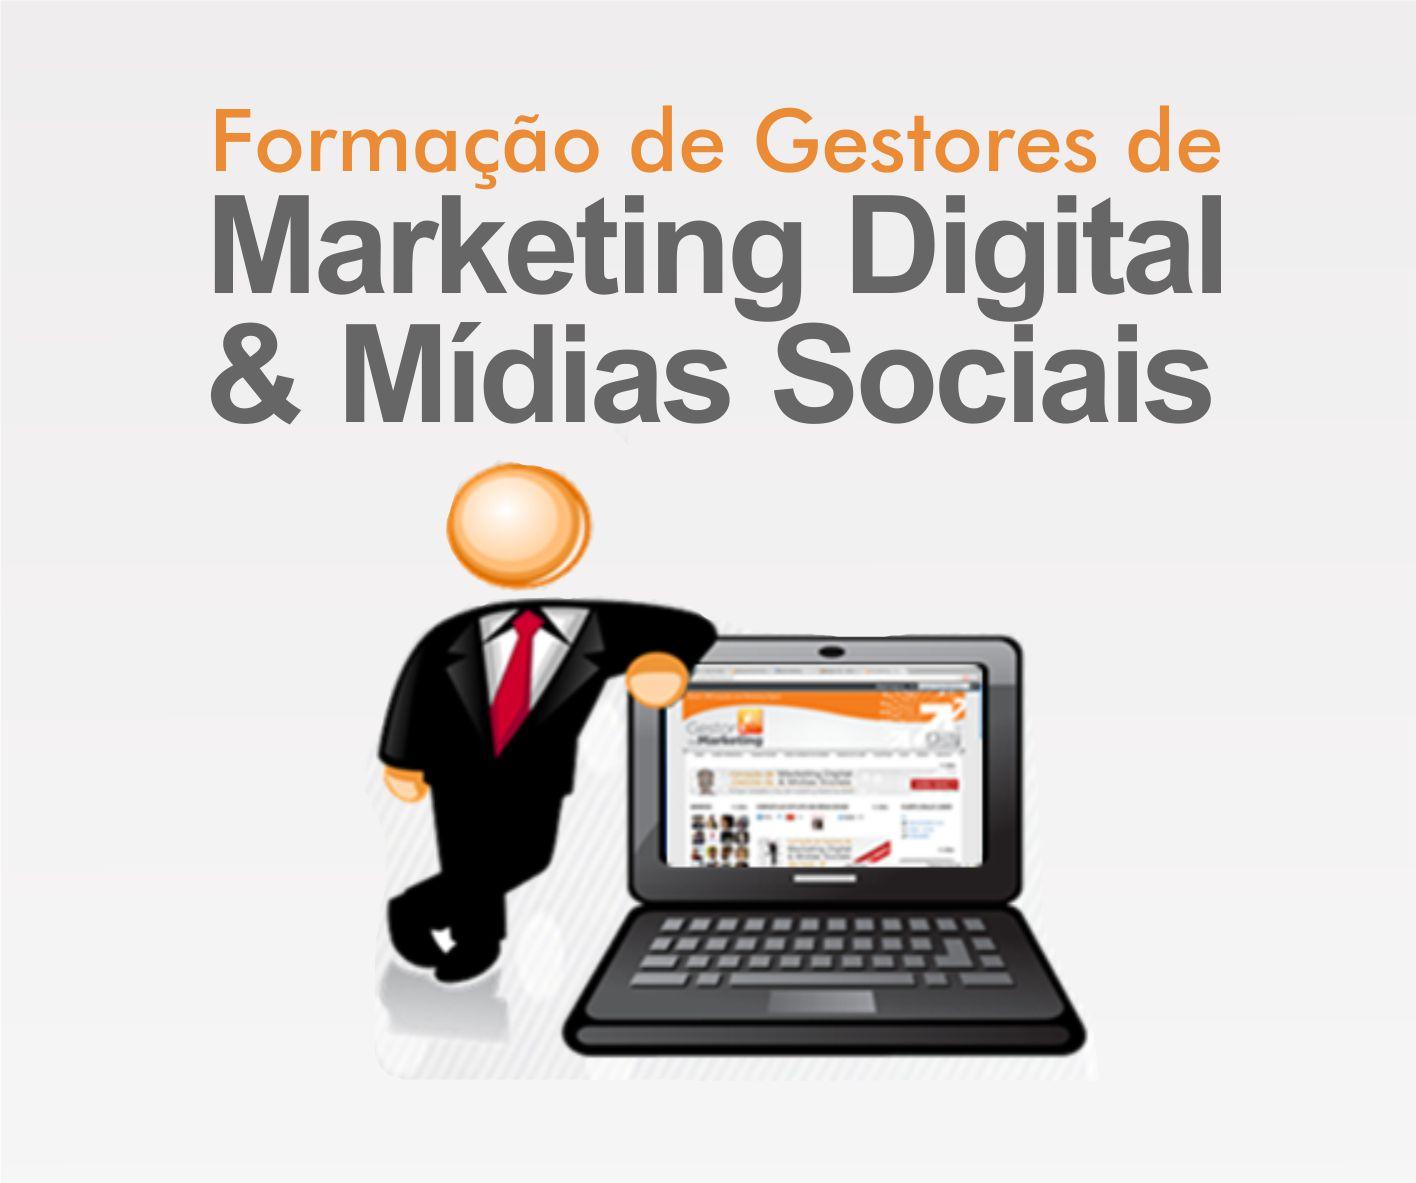 FORMAÇÃO DE GESTORES DE MARKETING DIGITAL